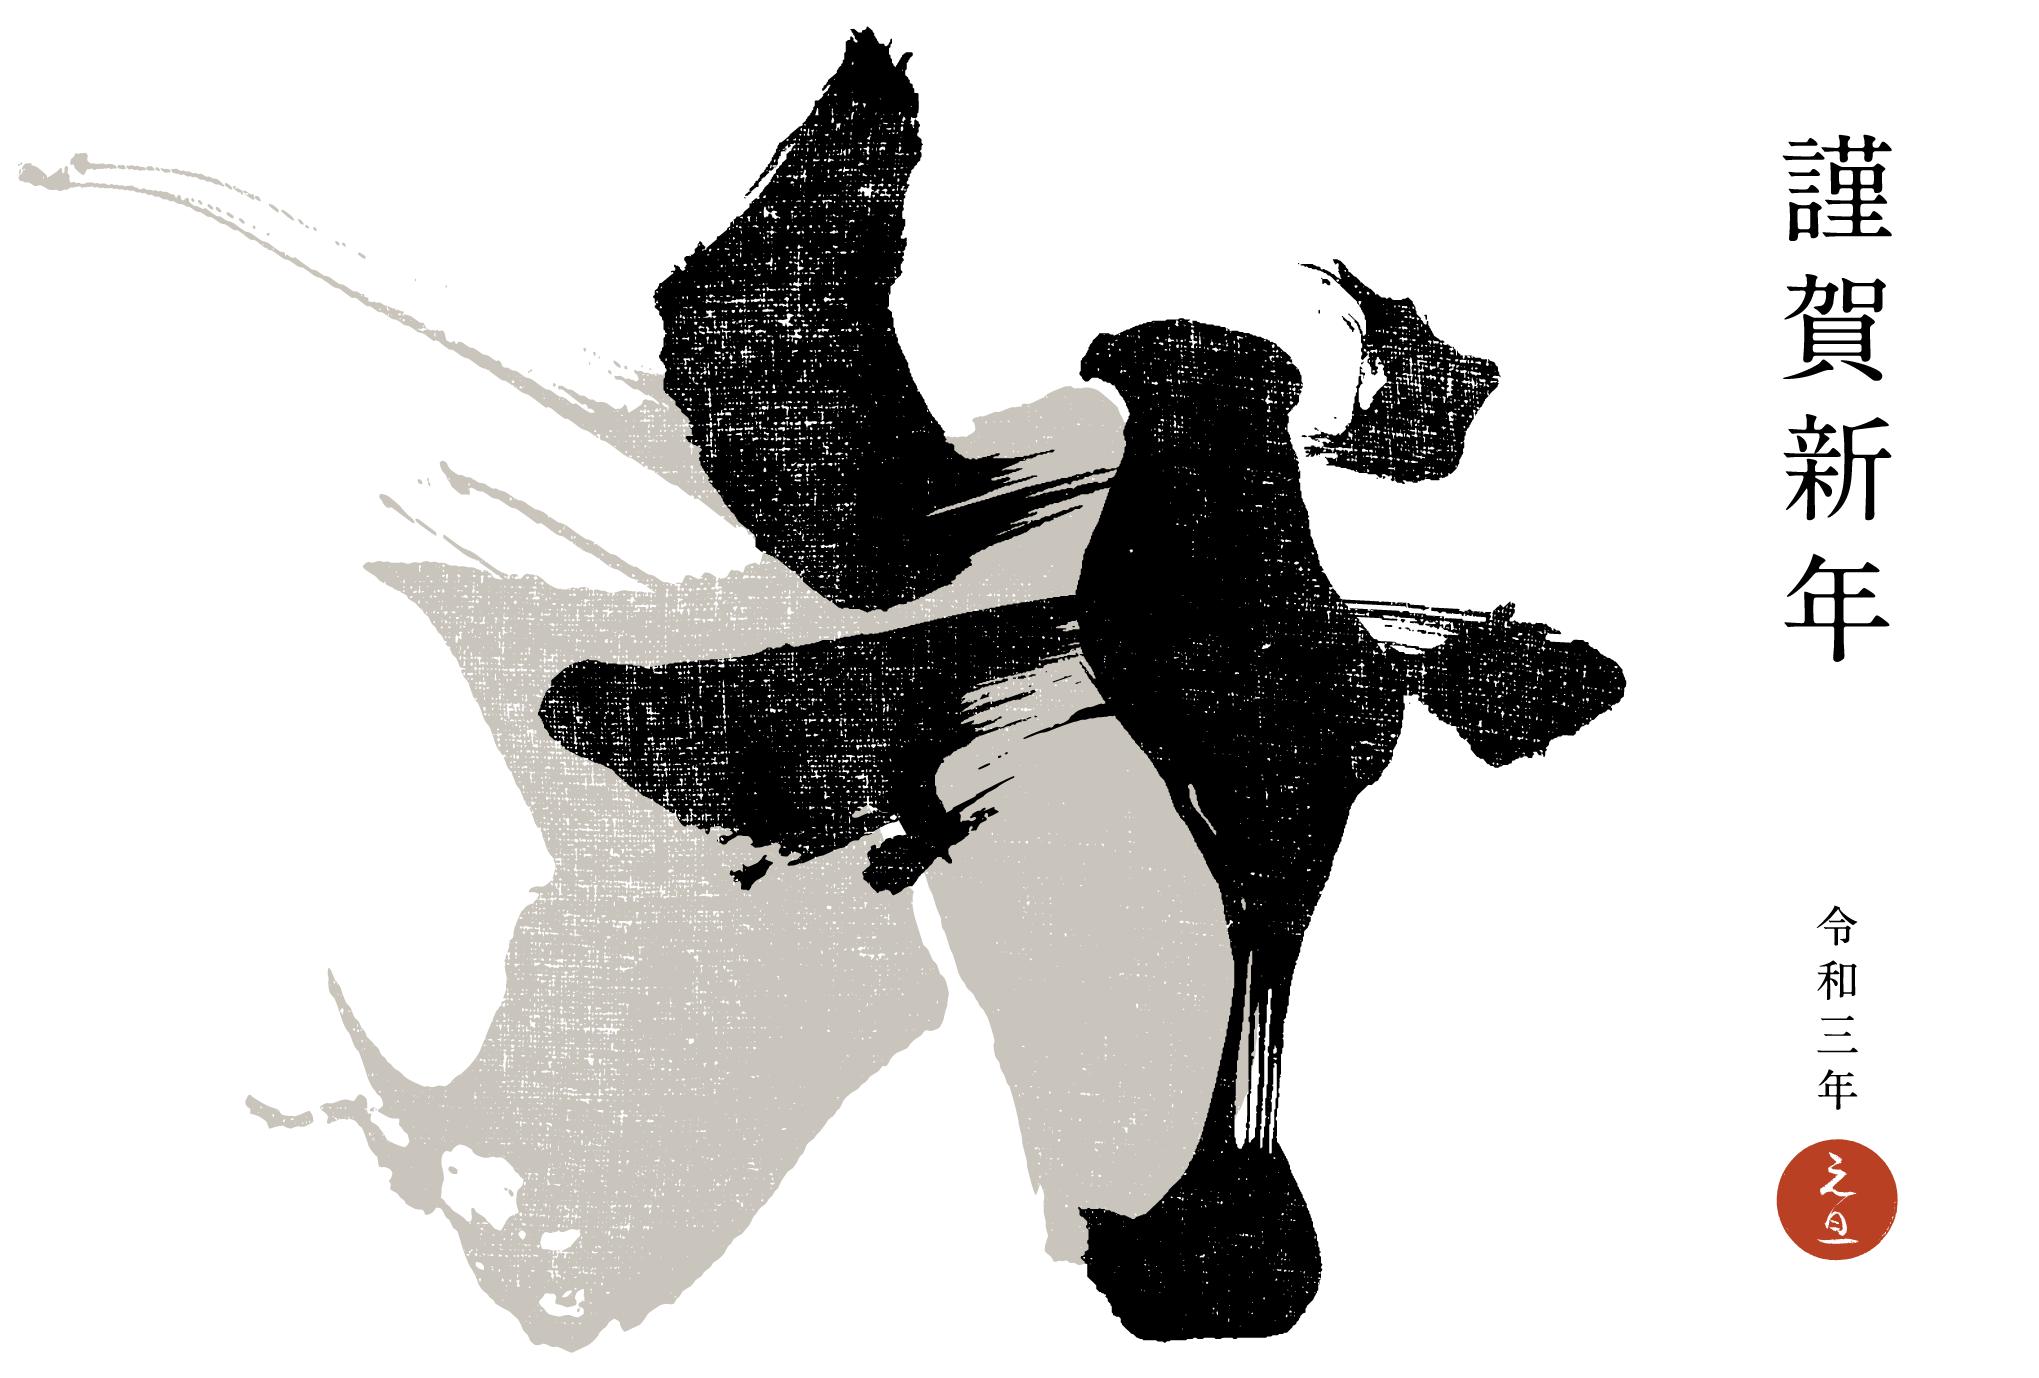 2021年賀状11-3:牛 Calligraphy / A(謹賀新年)横のダウンロード画像